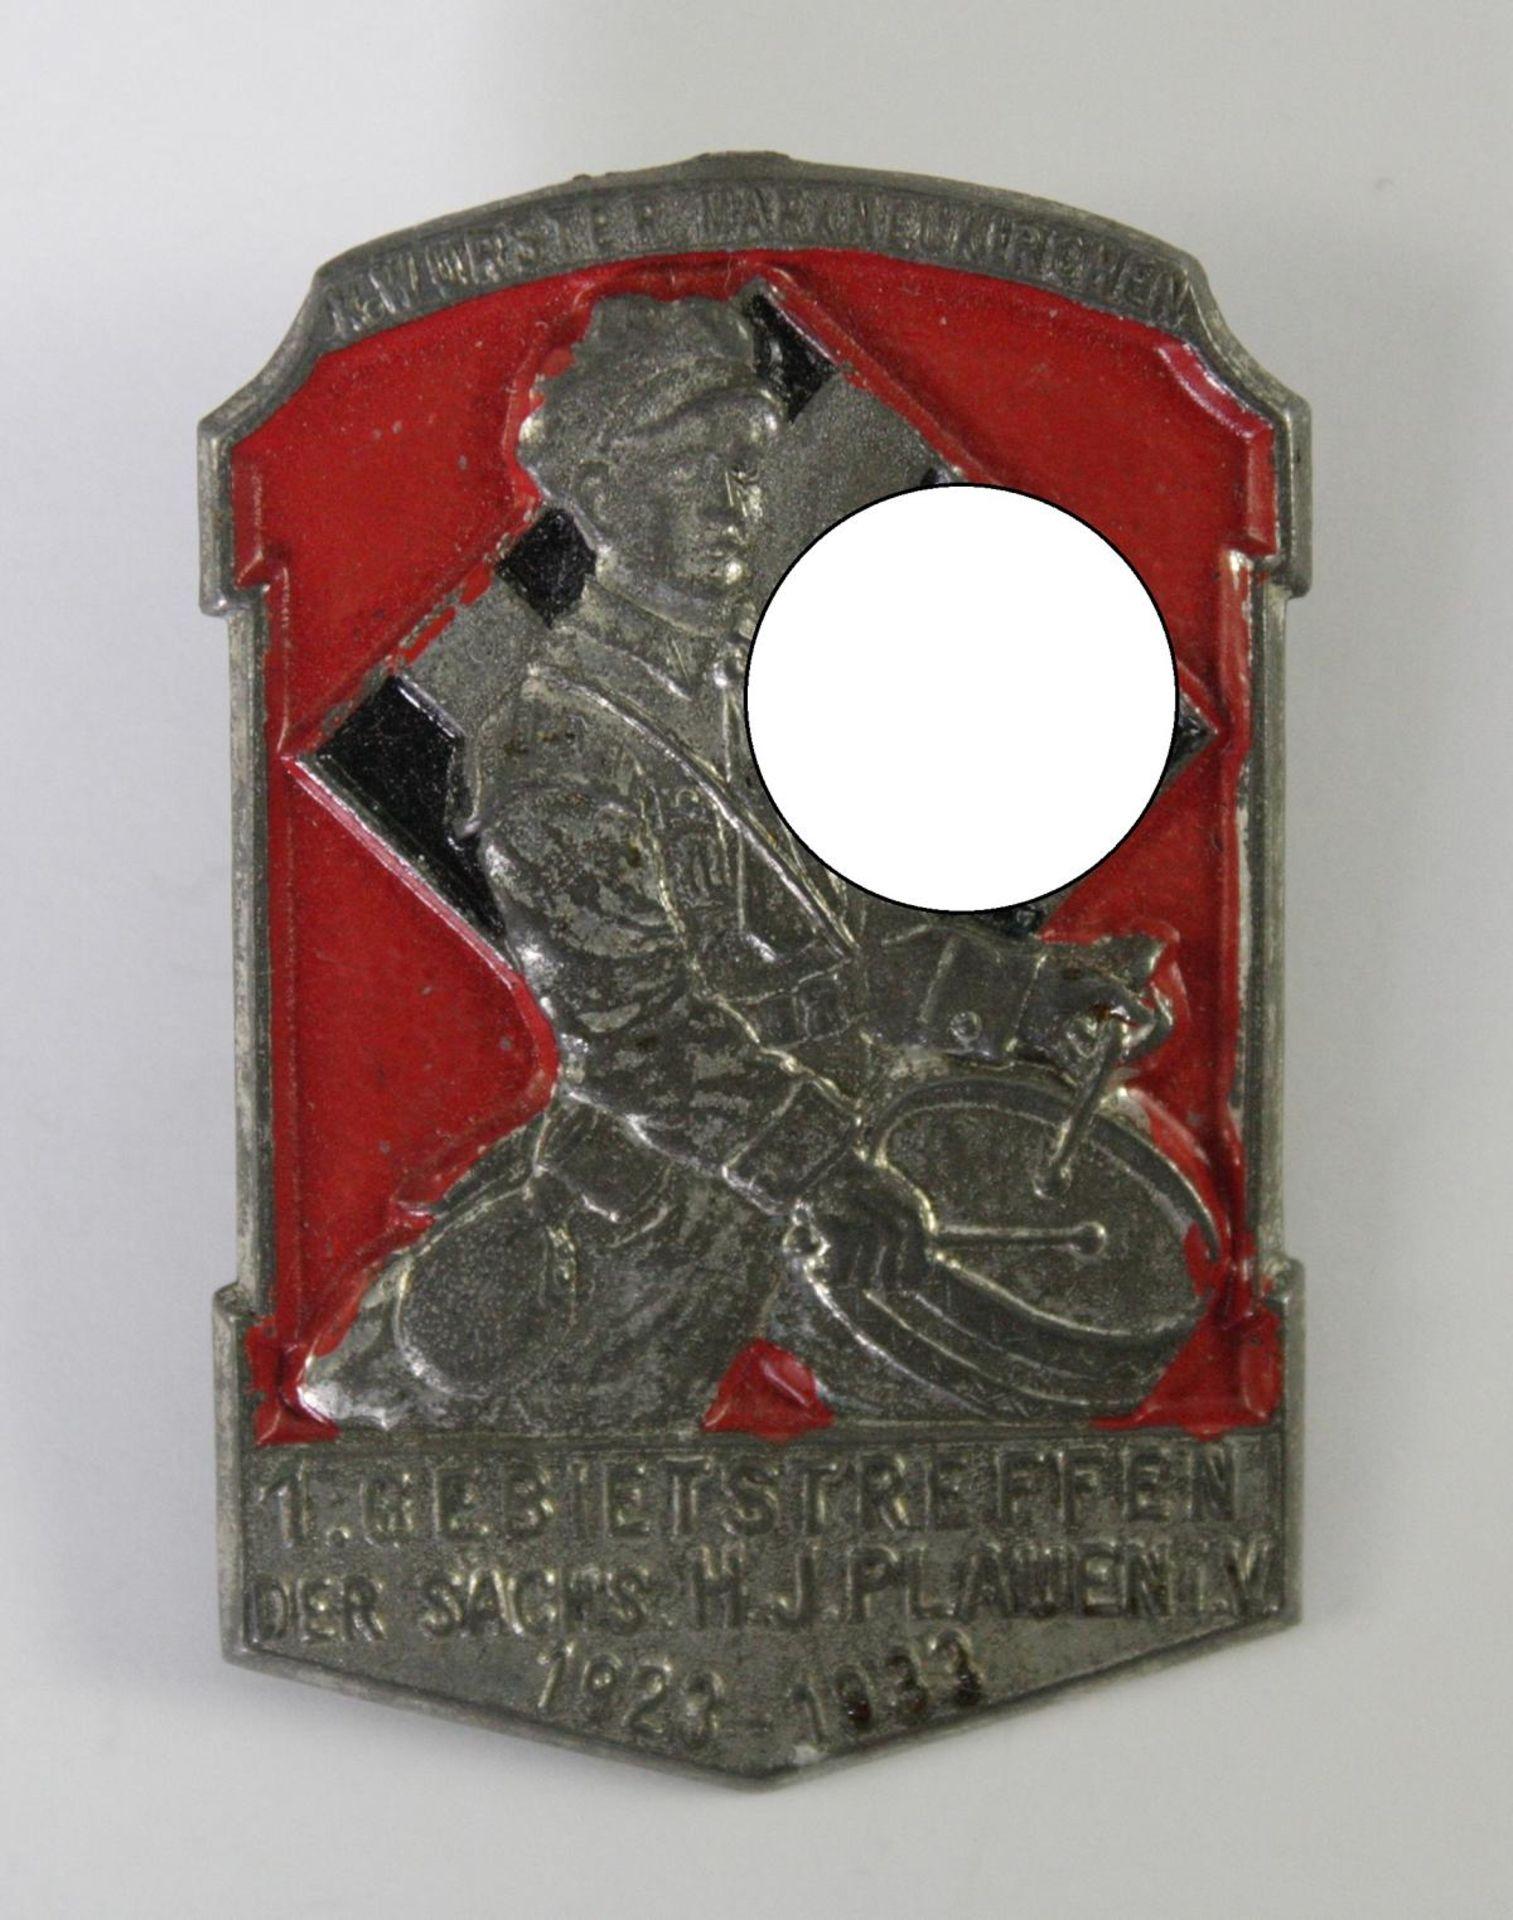 Abzeichen, 1. Gebiettreffen der sächsischen HJ Plauen i.V. 1923-1933